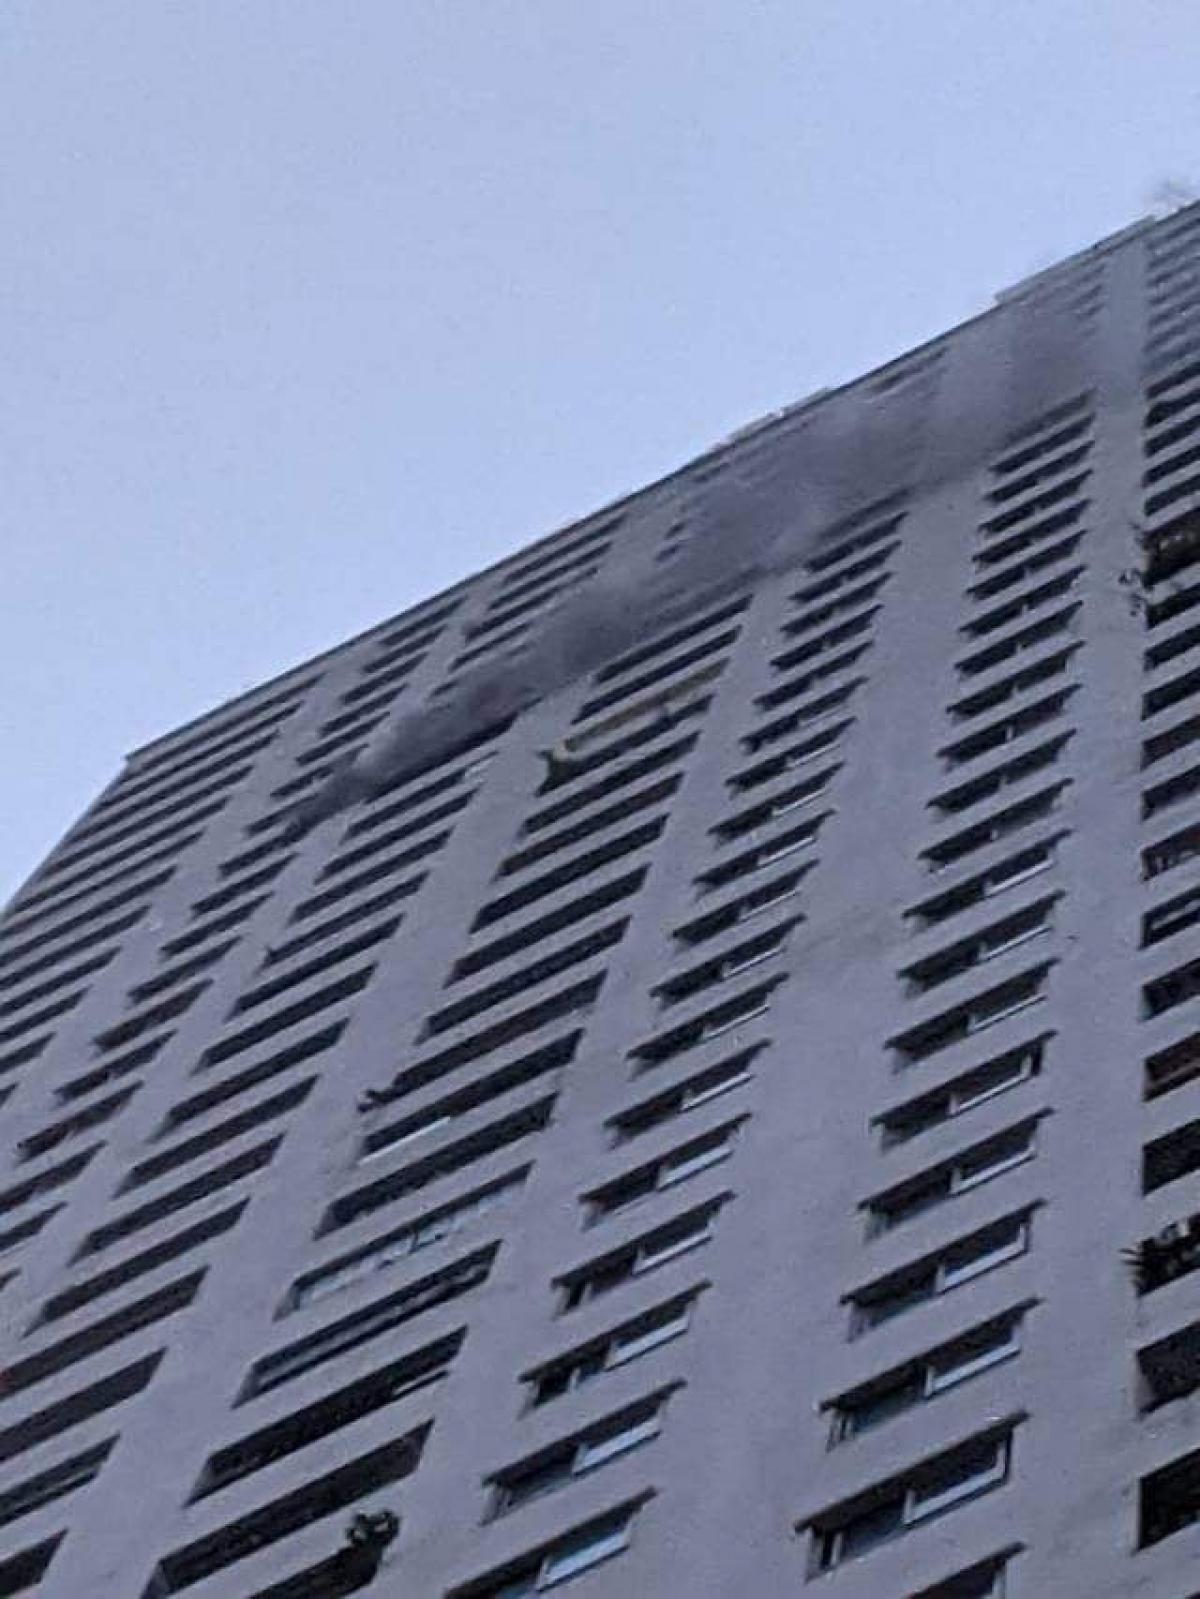 Vào khoảng 5h30 ngày 27/10, tại tầng 33, chung cư HH1B Linh Đàm, phường Hoàng Liệt, quận Hoàng Mai, Hà Nội bất ngờ xảy ra vụ hỏa hoạn khiến hàng trăm cư dân sinh sống tại toà nhà hoảng loạn tháo chạy.